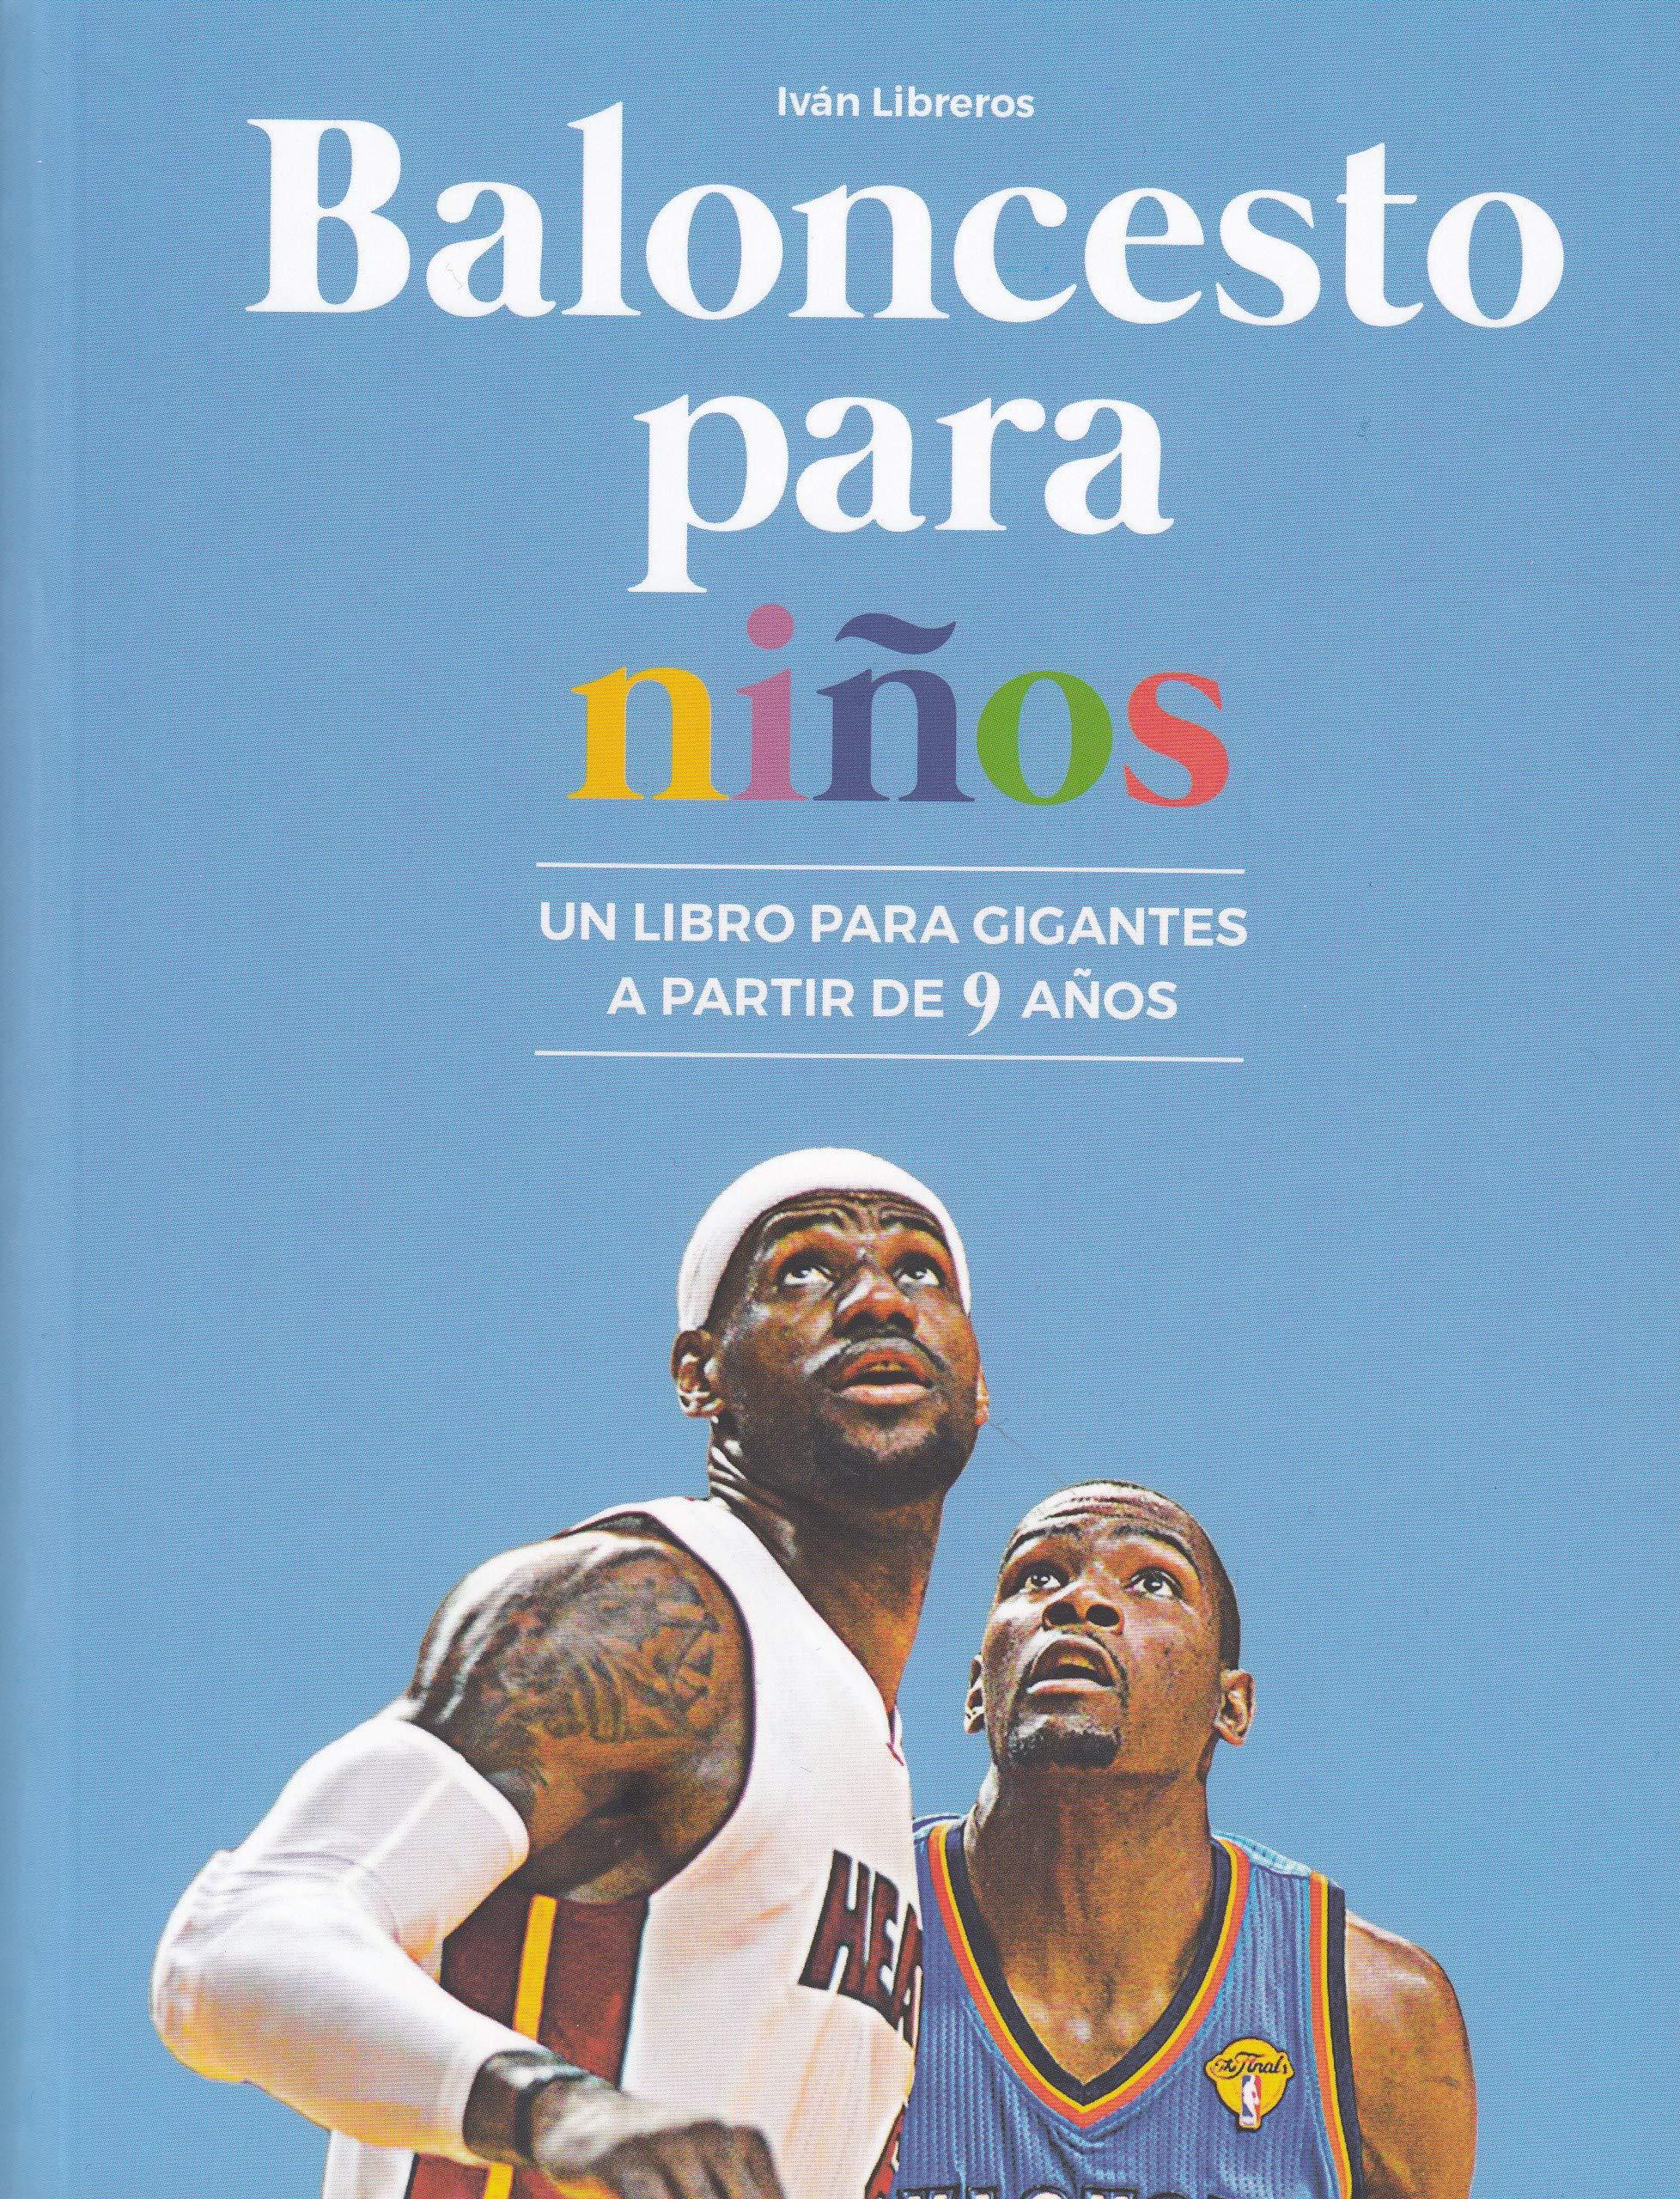 Baloncesto para niños: Un libro para gigantes a partir de 9 años: Amazon.es: Iván Libreros Fernández: Libros